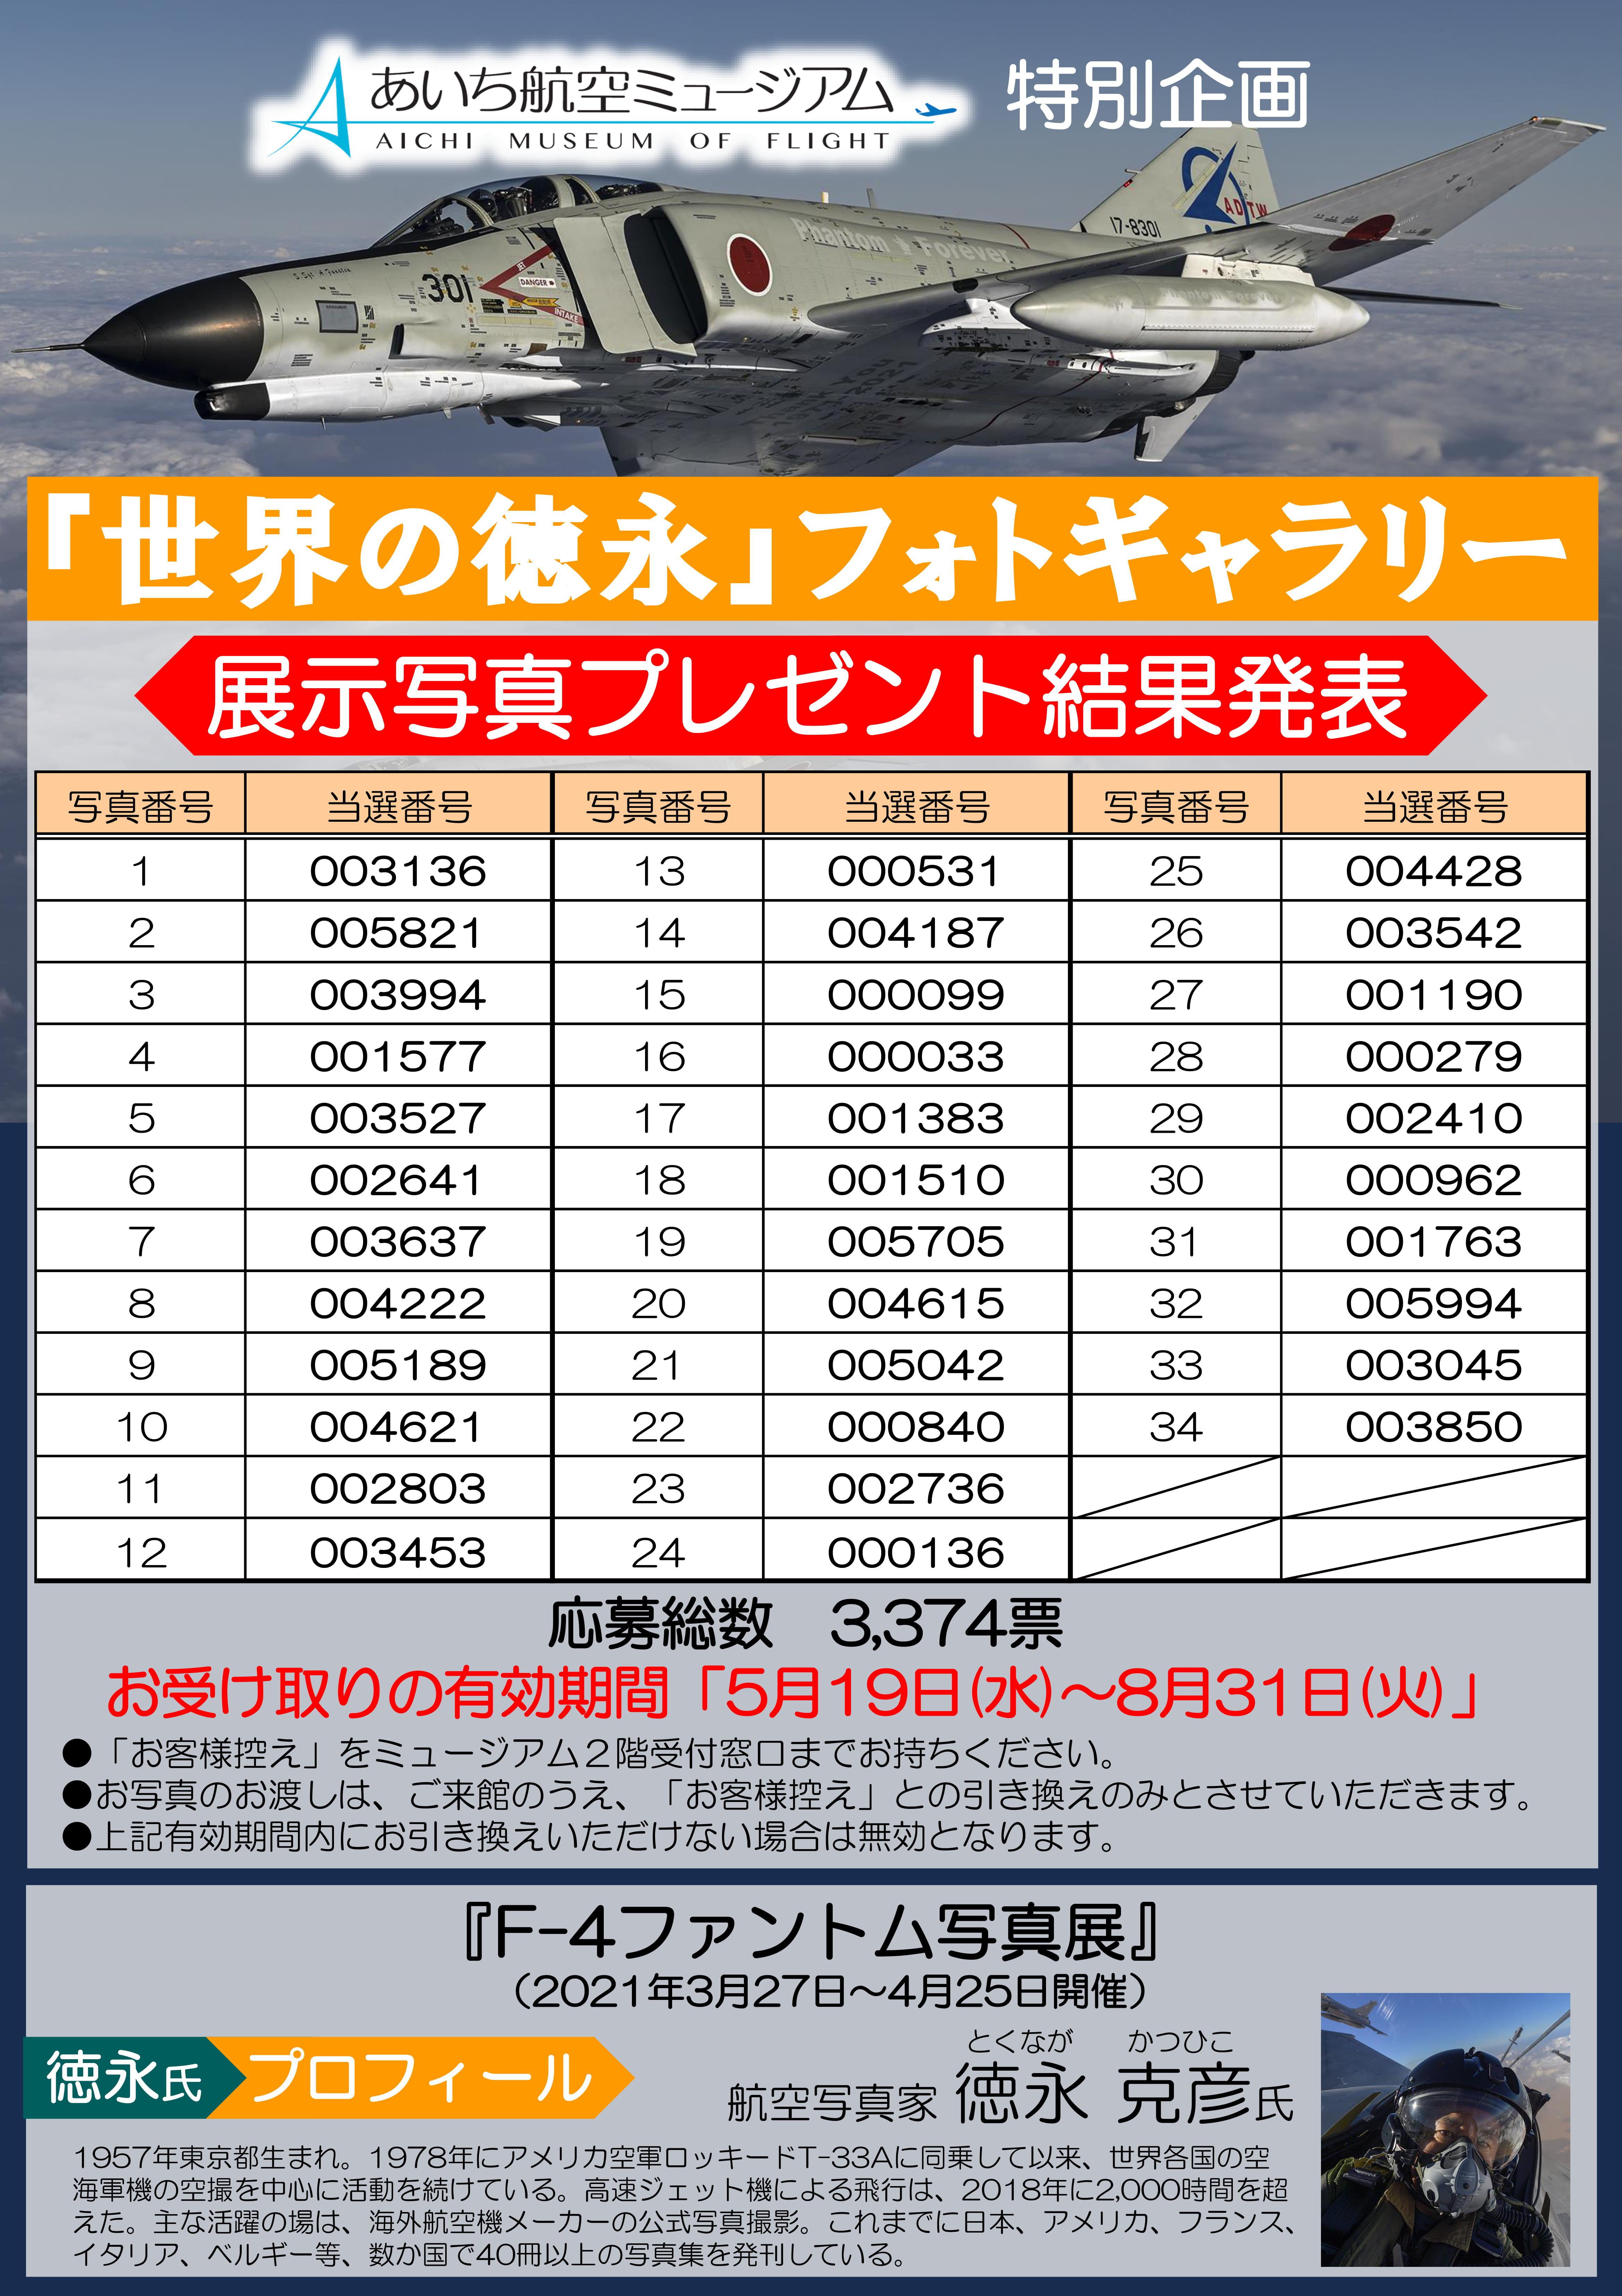 F4ファントム展示写真プレゼント当選結果.jpg